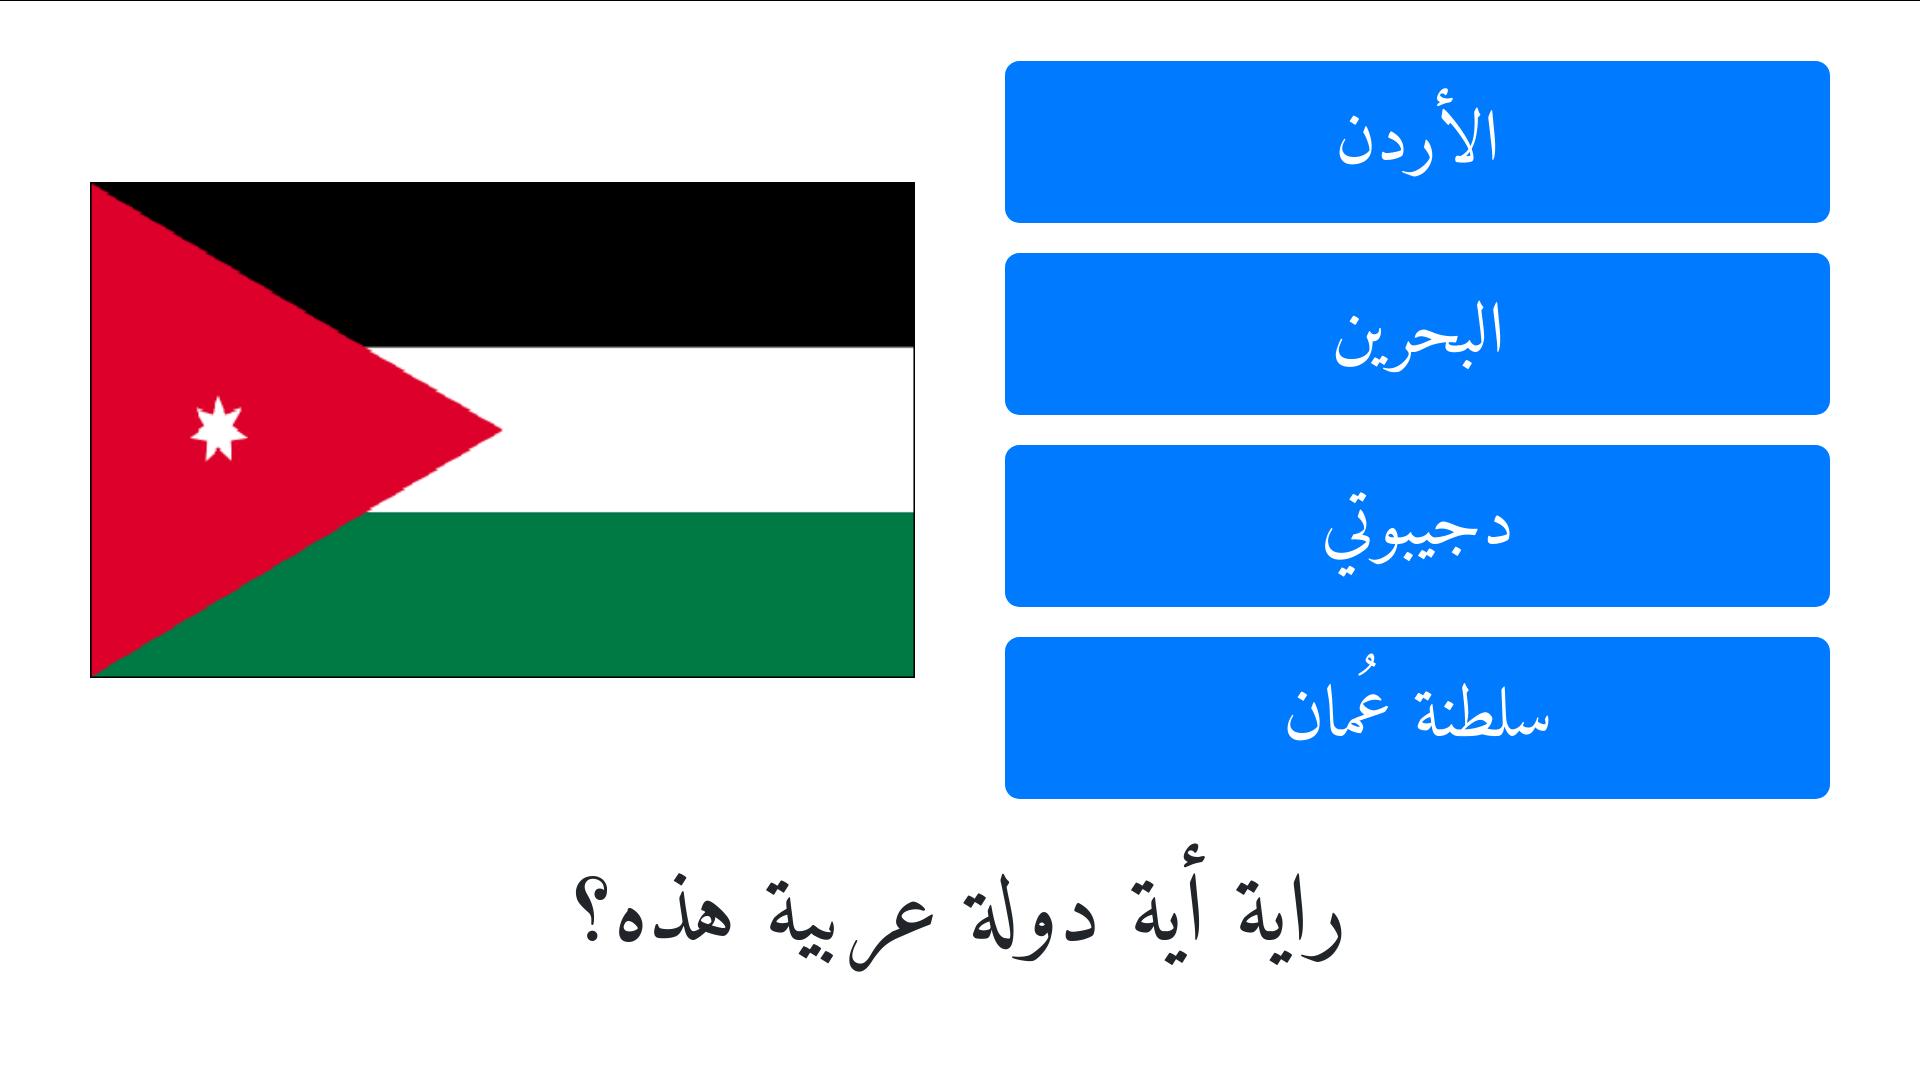 اختبر معلوماتك واختبر نفسك أعلام الدول العربية وأسماؤها باللغة العربية الفصحى الأردن Pie Chart Chart